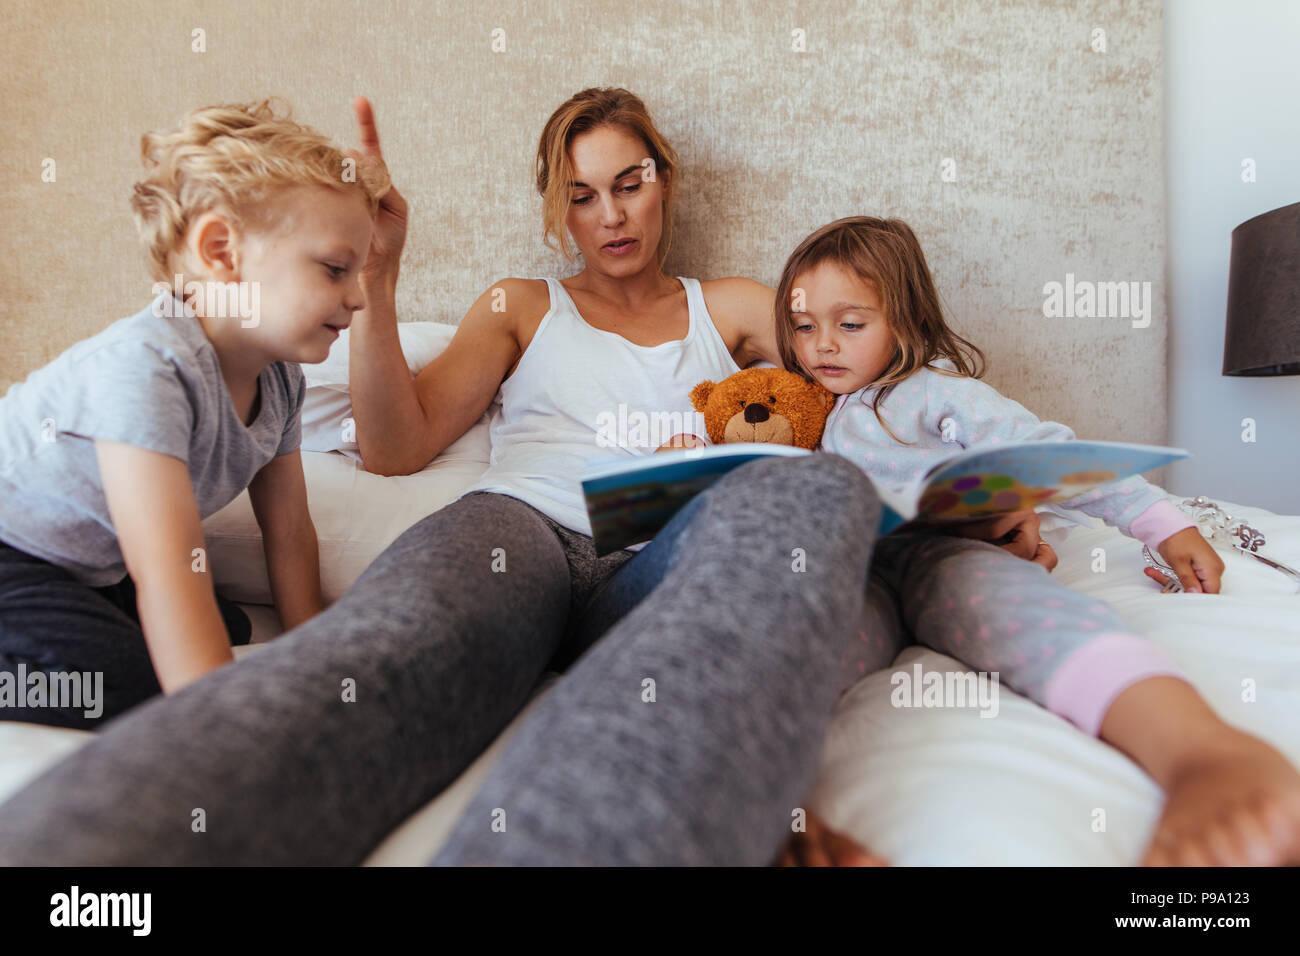 Madre leyendo cuento para niños en el hogar. Madre solícita adorable pequeño libro de lectura para niños en la cama. Imagen De Stock